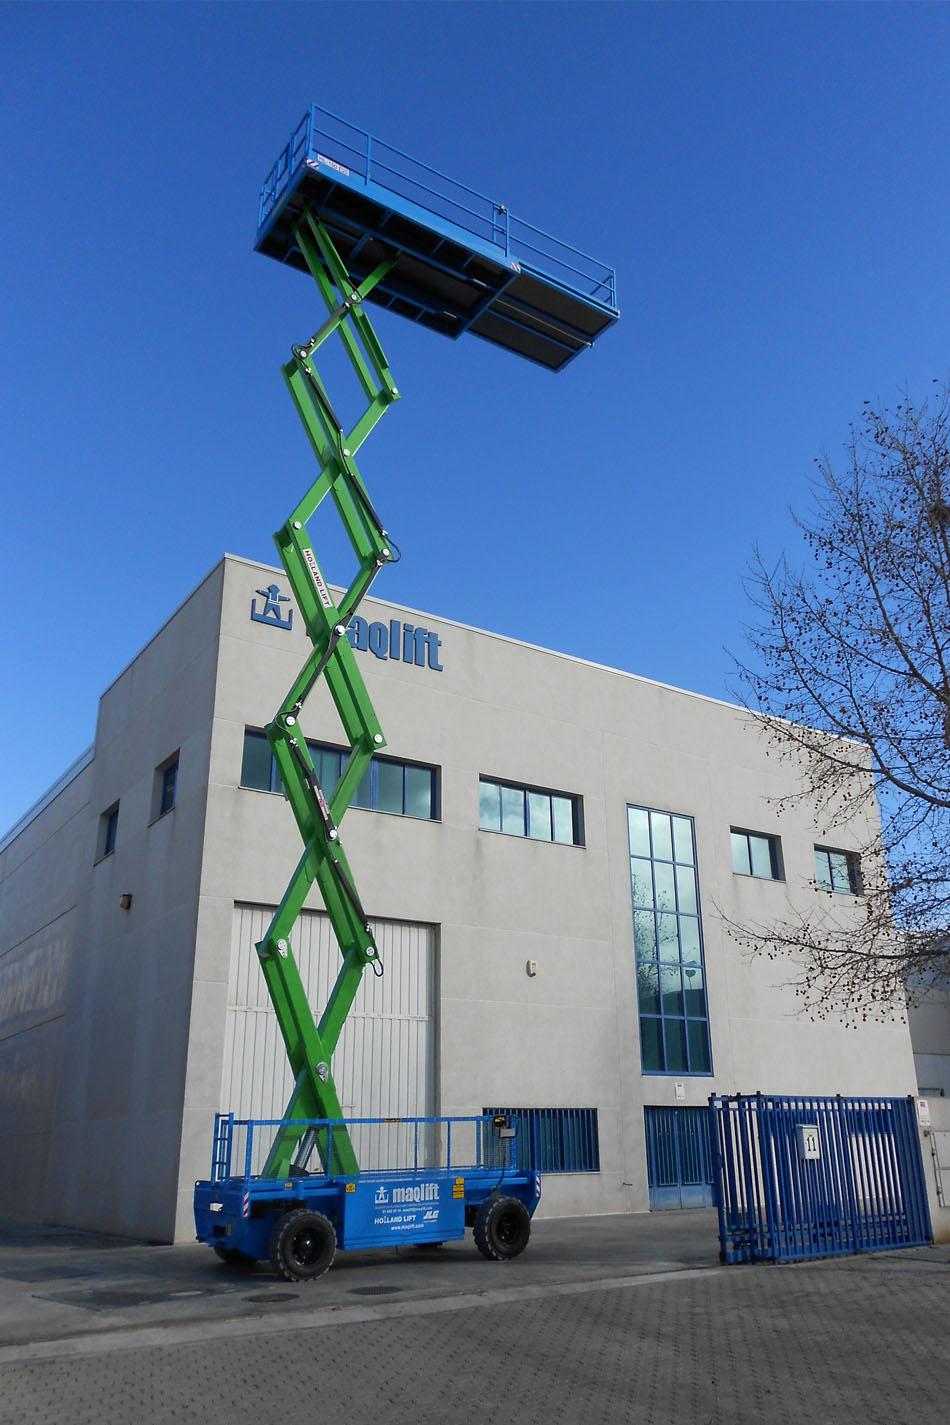 19米大载重剪式升降平台